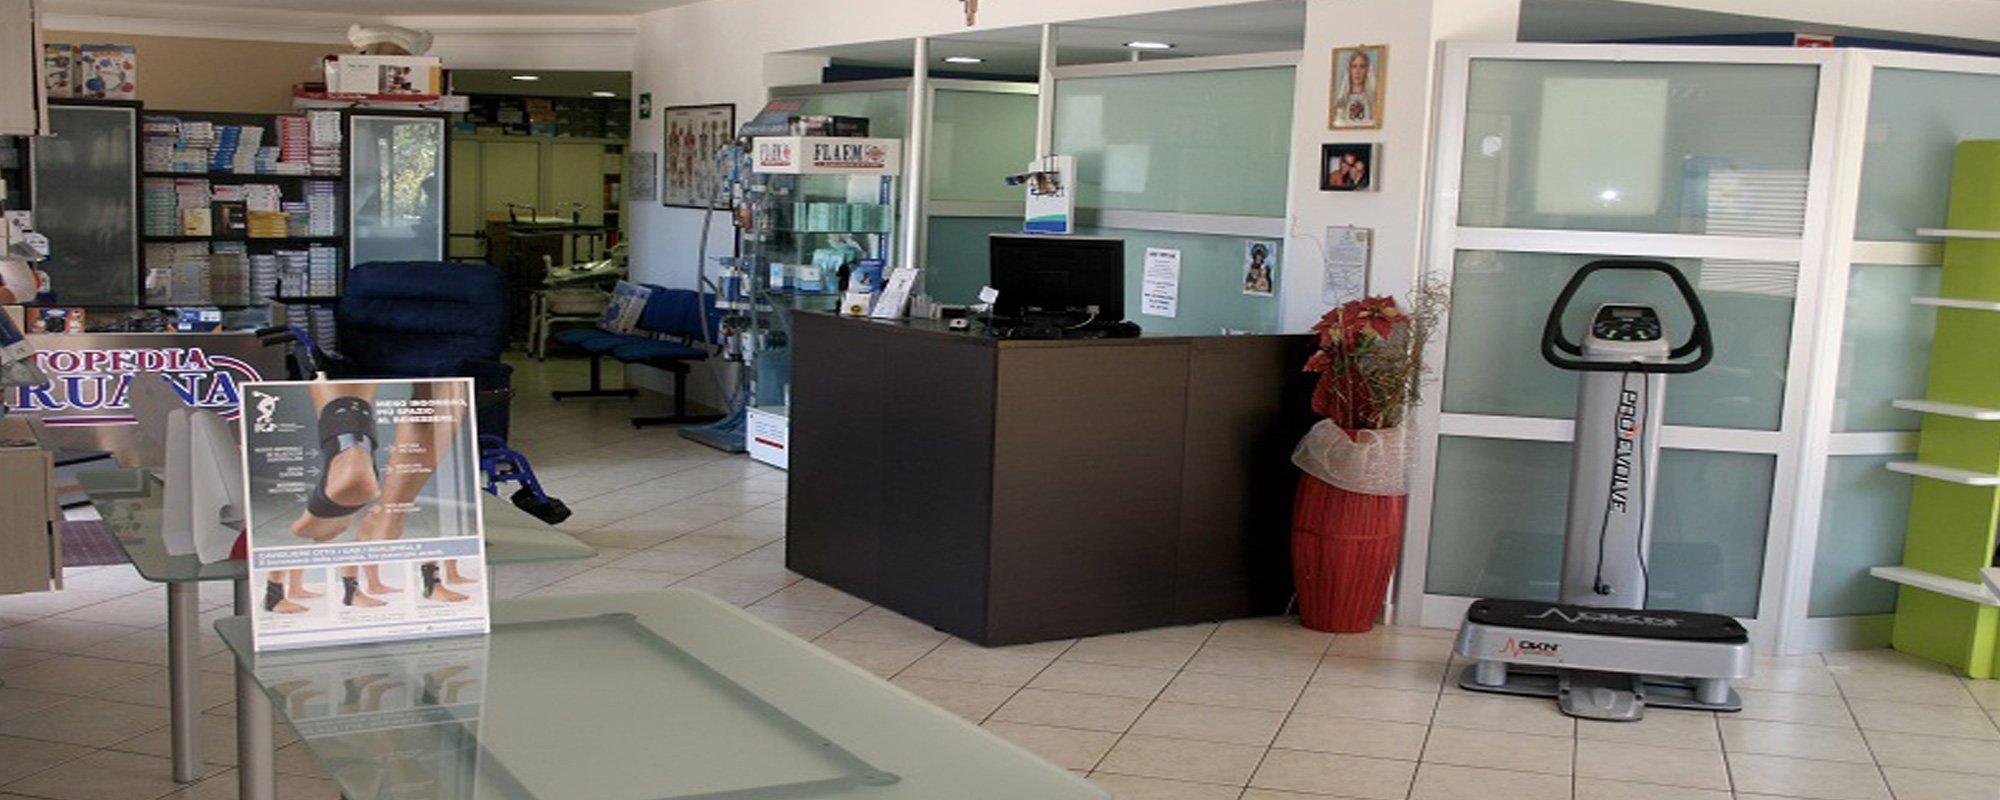 negozio di articoli ortopedici